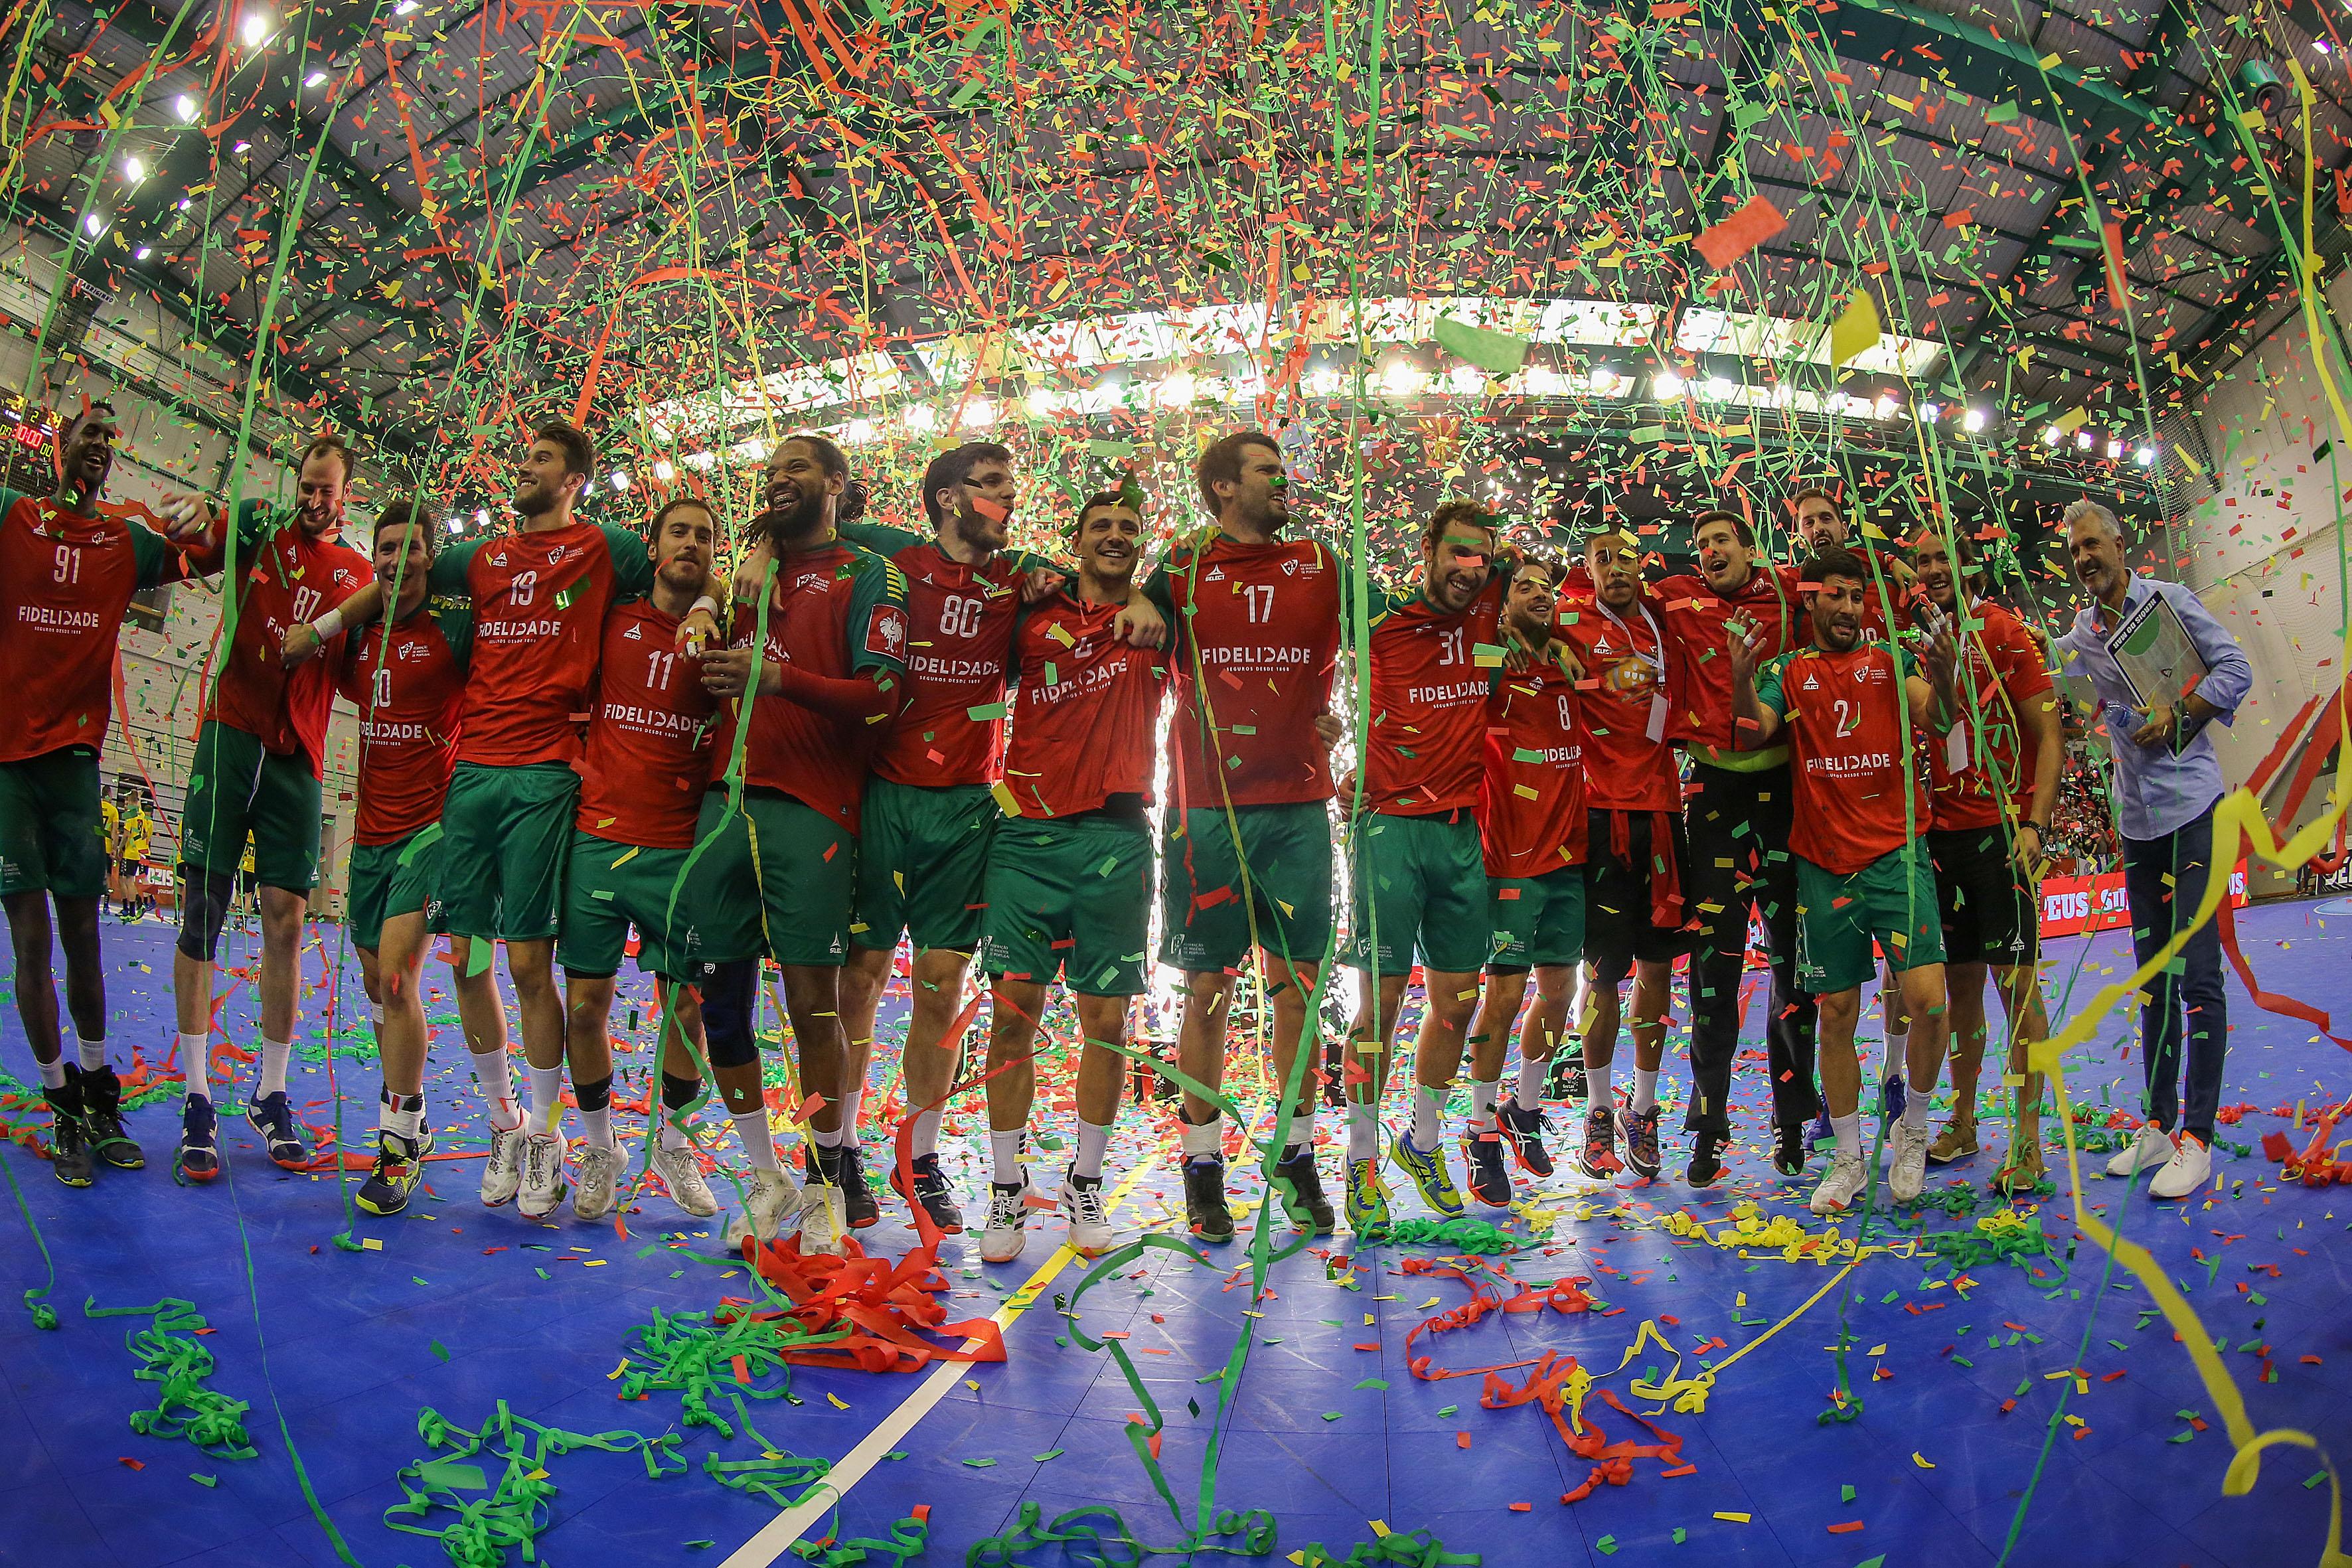 Portugal : Lituânia - qualificação Campeonato da Europa 2020 - foto: PhotoReport.In